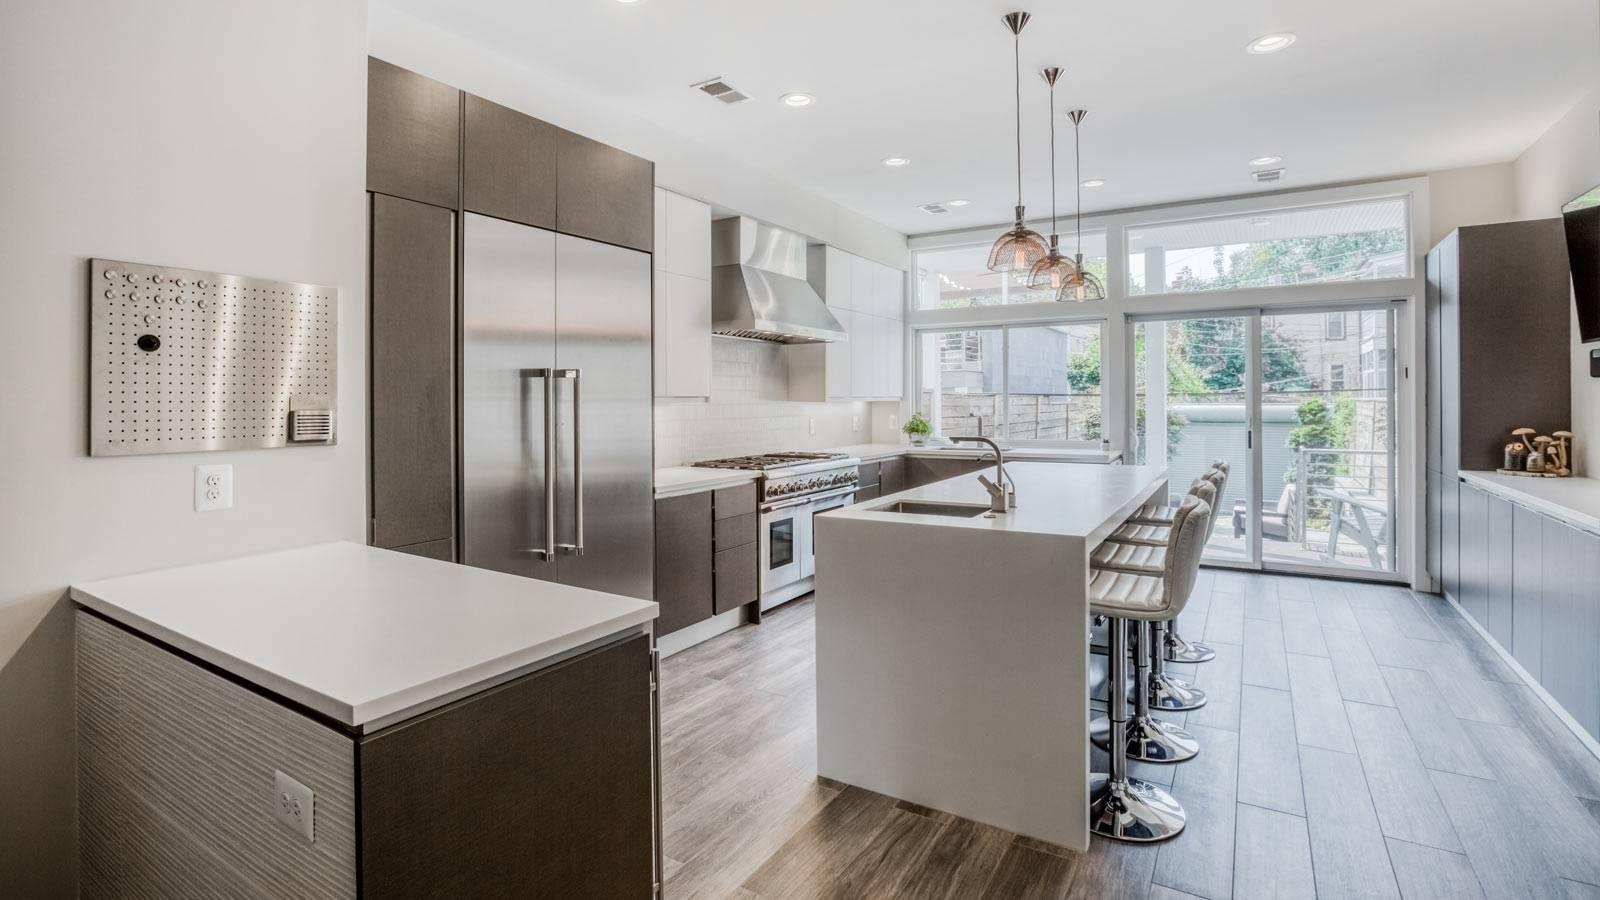 Кухня-гостиная 16 кв. м: дизайн-проекты студии, фото интерьера в доме и квартире